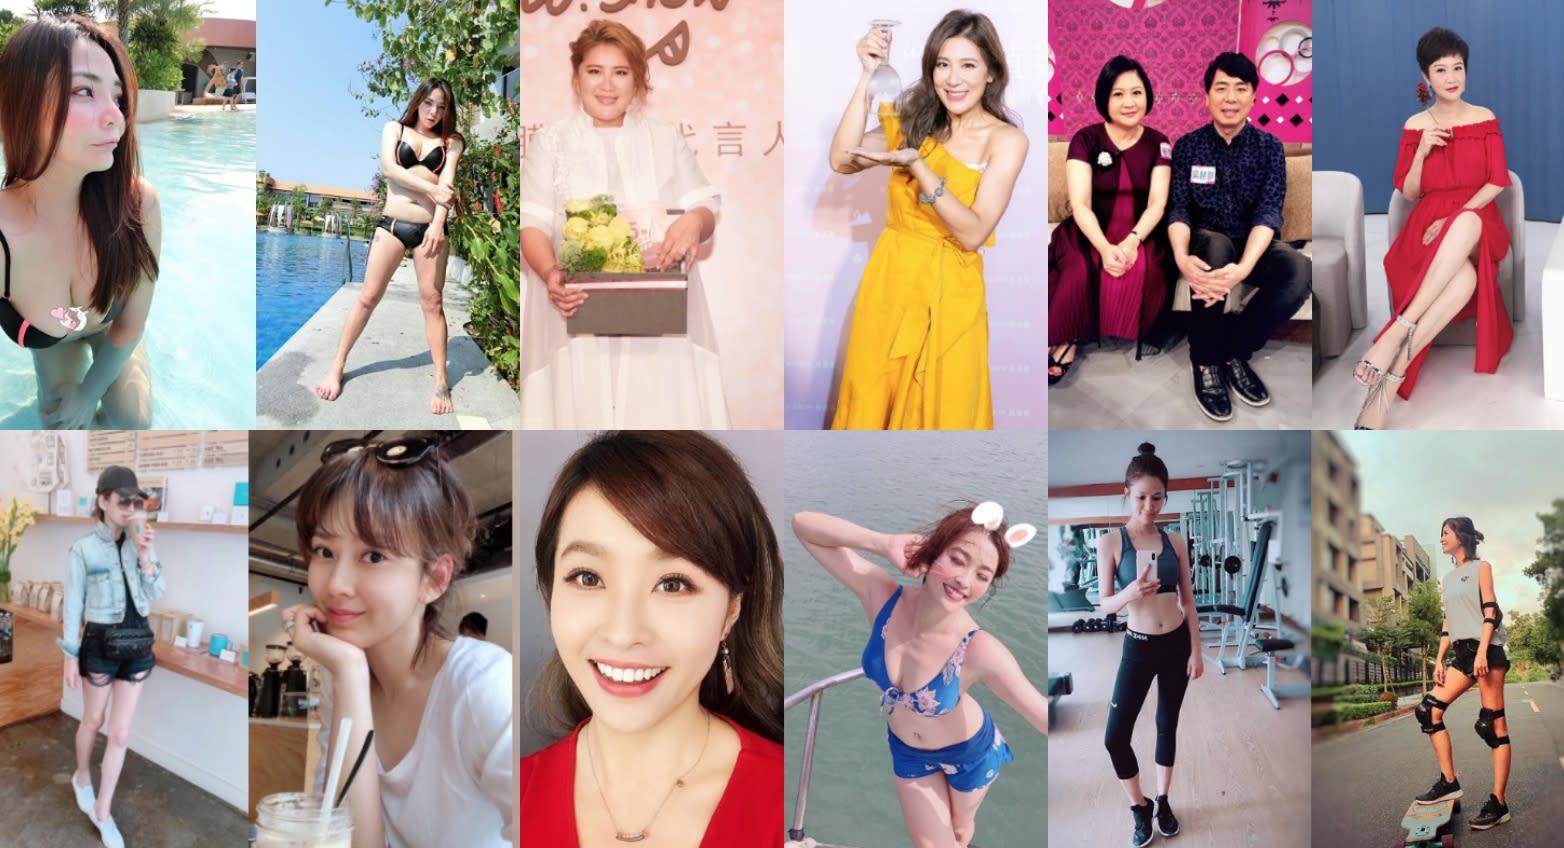 【2019熱門回顧】十大甩肉技巧!最受網友喜愛的女星減肥瘦身秘招出爐